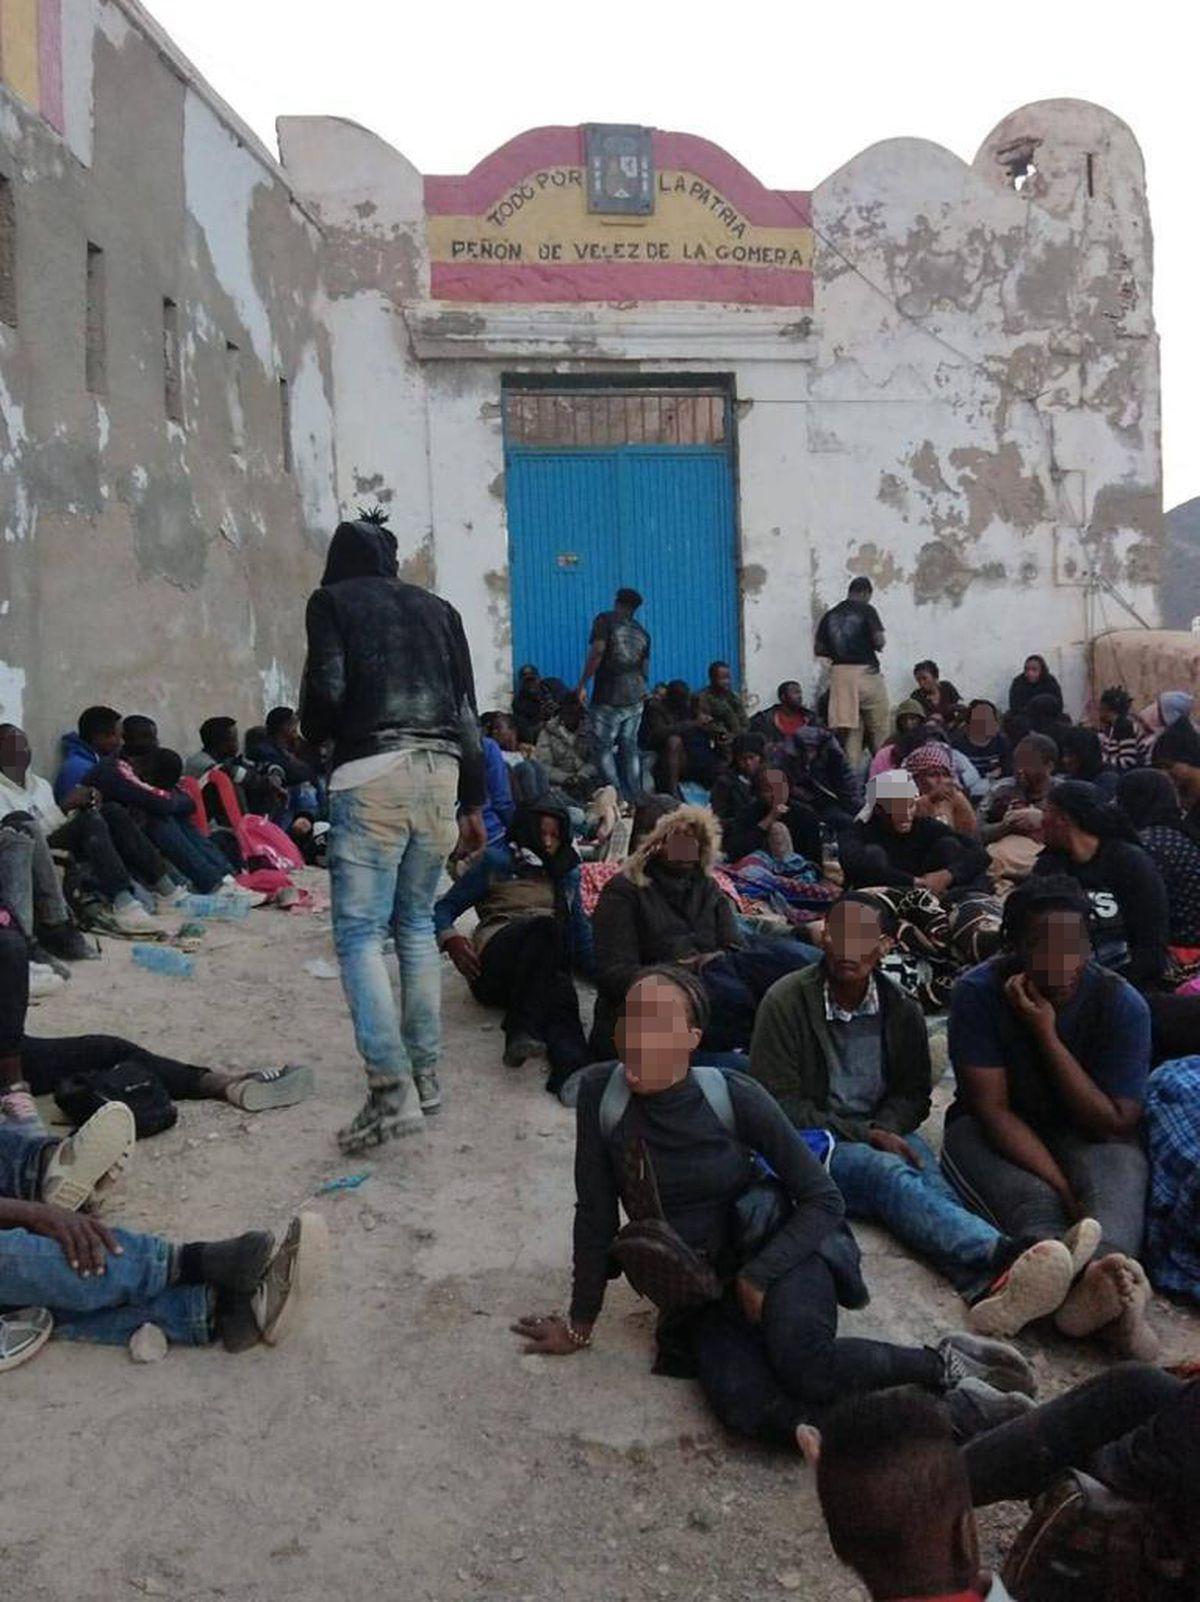 La Gomera: España devuelve a Marruecos a 125 inmigrantes que entraron en una roca española cerca de Al Hoceima |  España